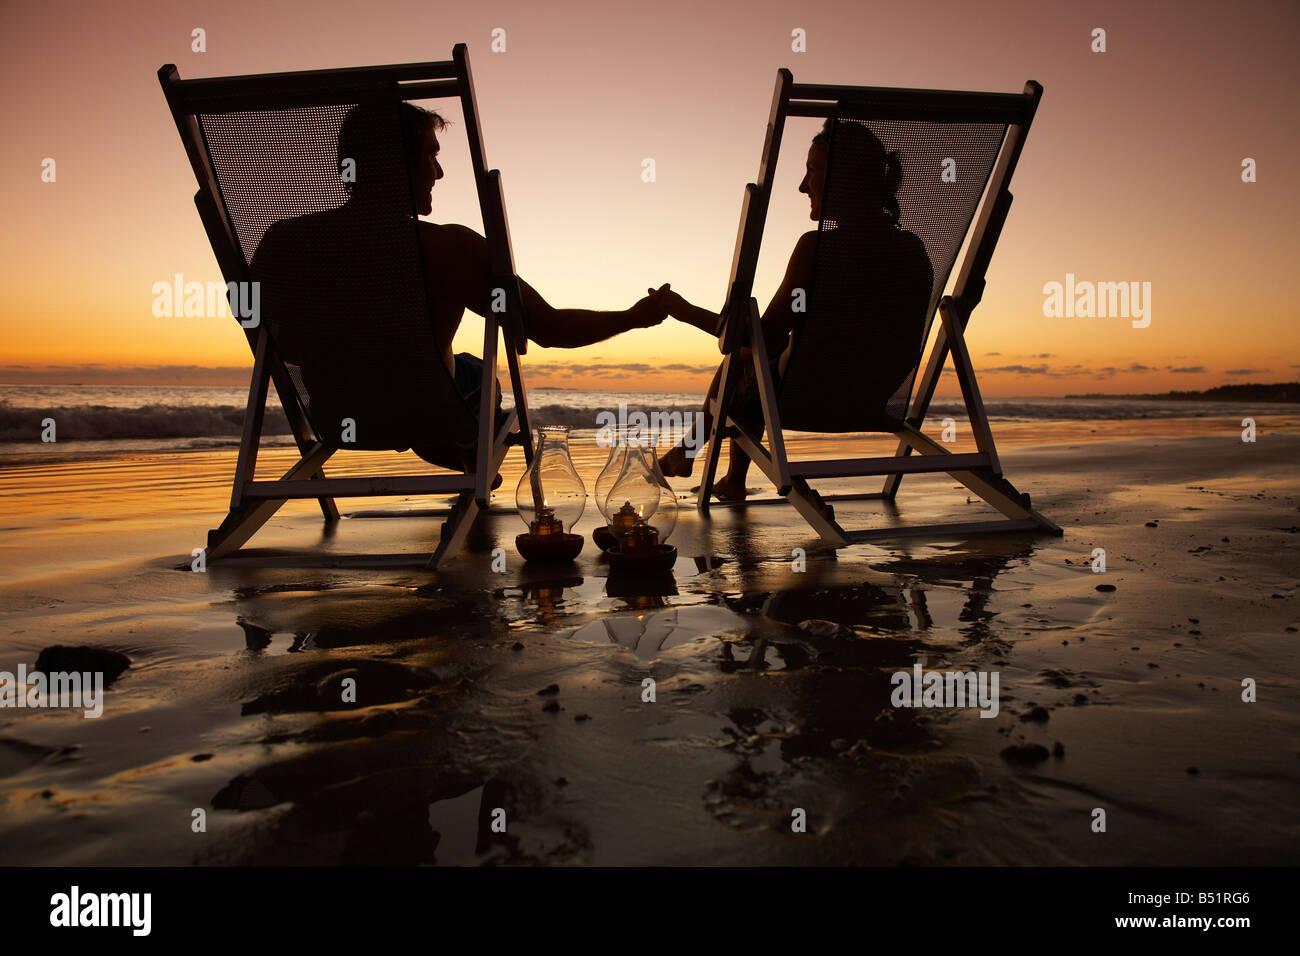 Giovane seduto in sedie a sdraio sulla spiaggia al tramonto, Messico Foto Stock